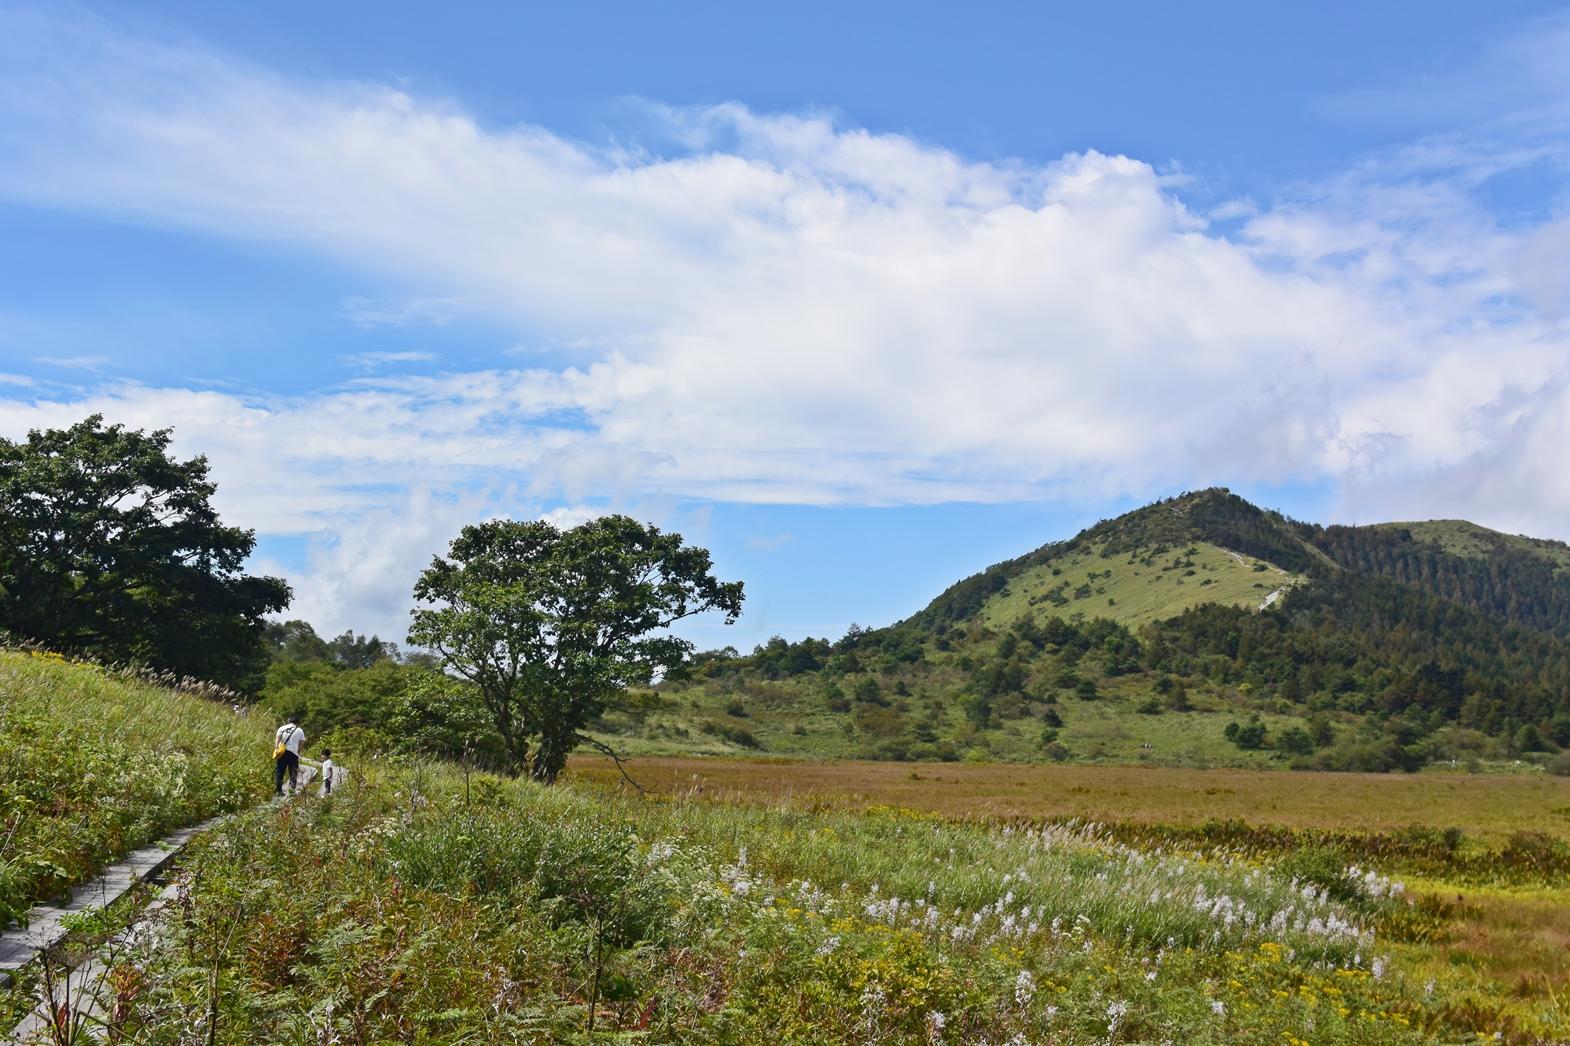 霧ヶ峰高原八島湿原:元気に進む兄